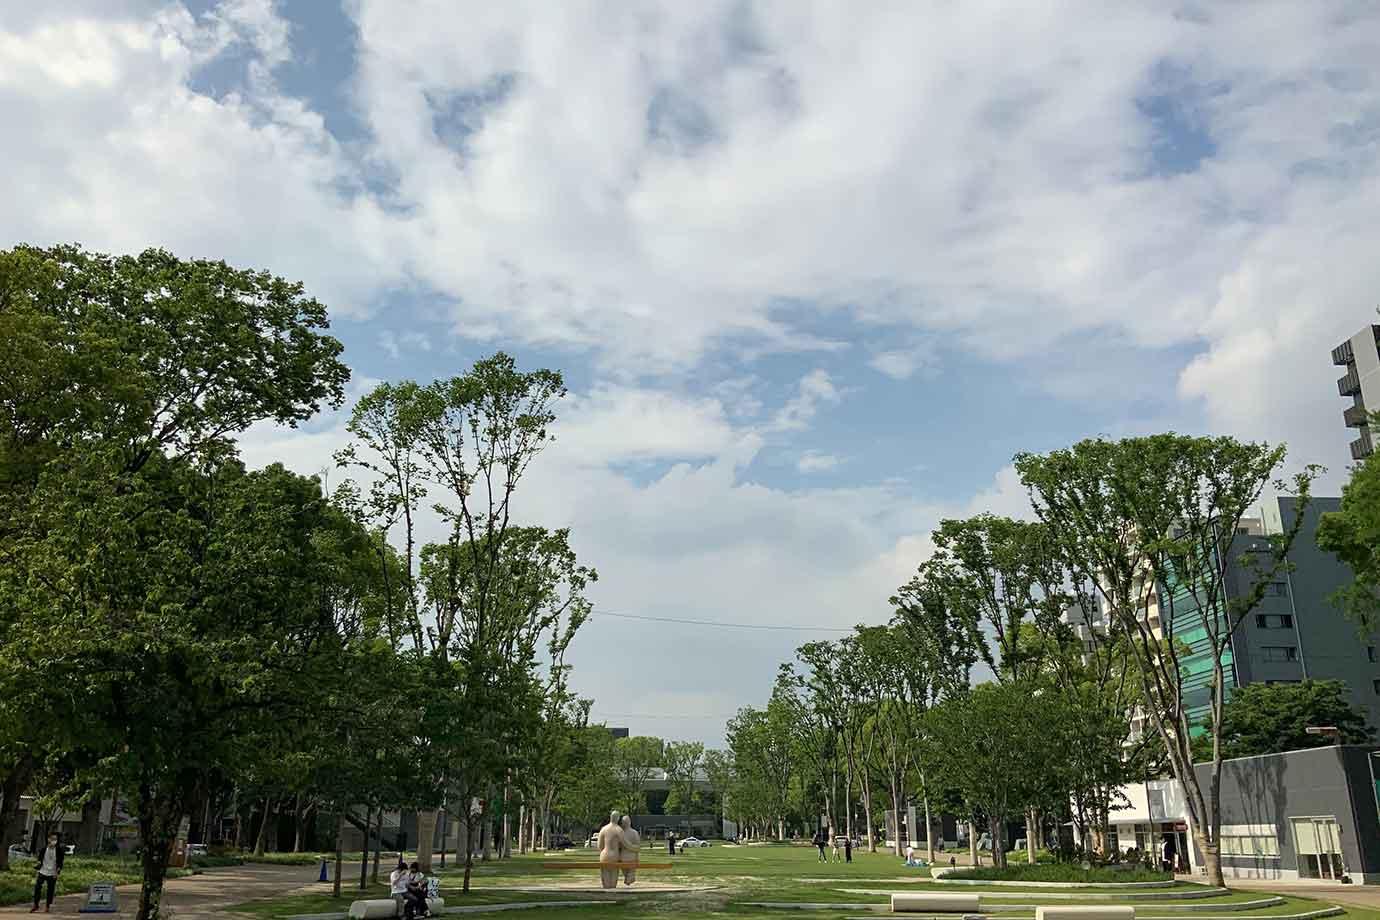 北側には都会のど真ん中と思えないほど広い芝生広場がある